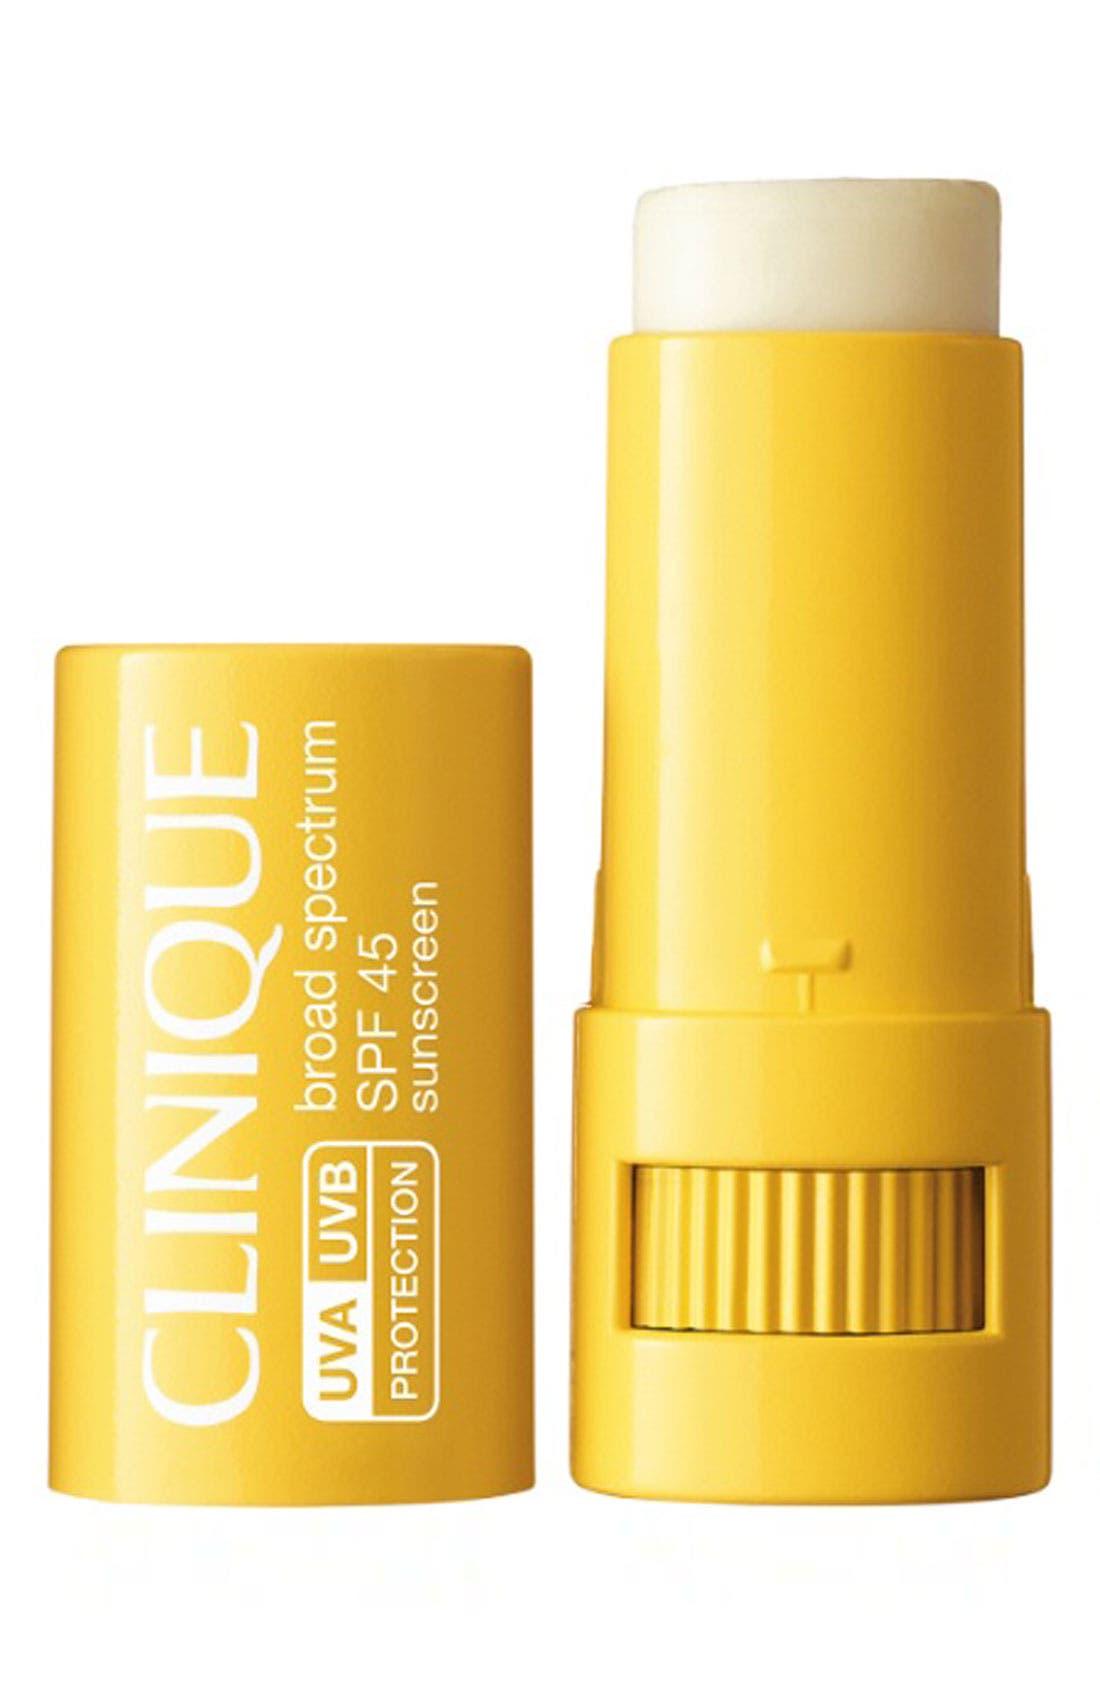 Clinique 'Sun' Broad Spectrum SPF 45 Advanced Protection Stick